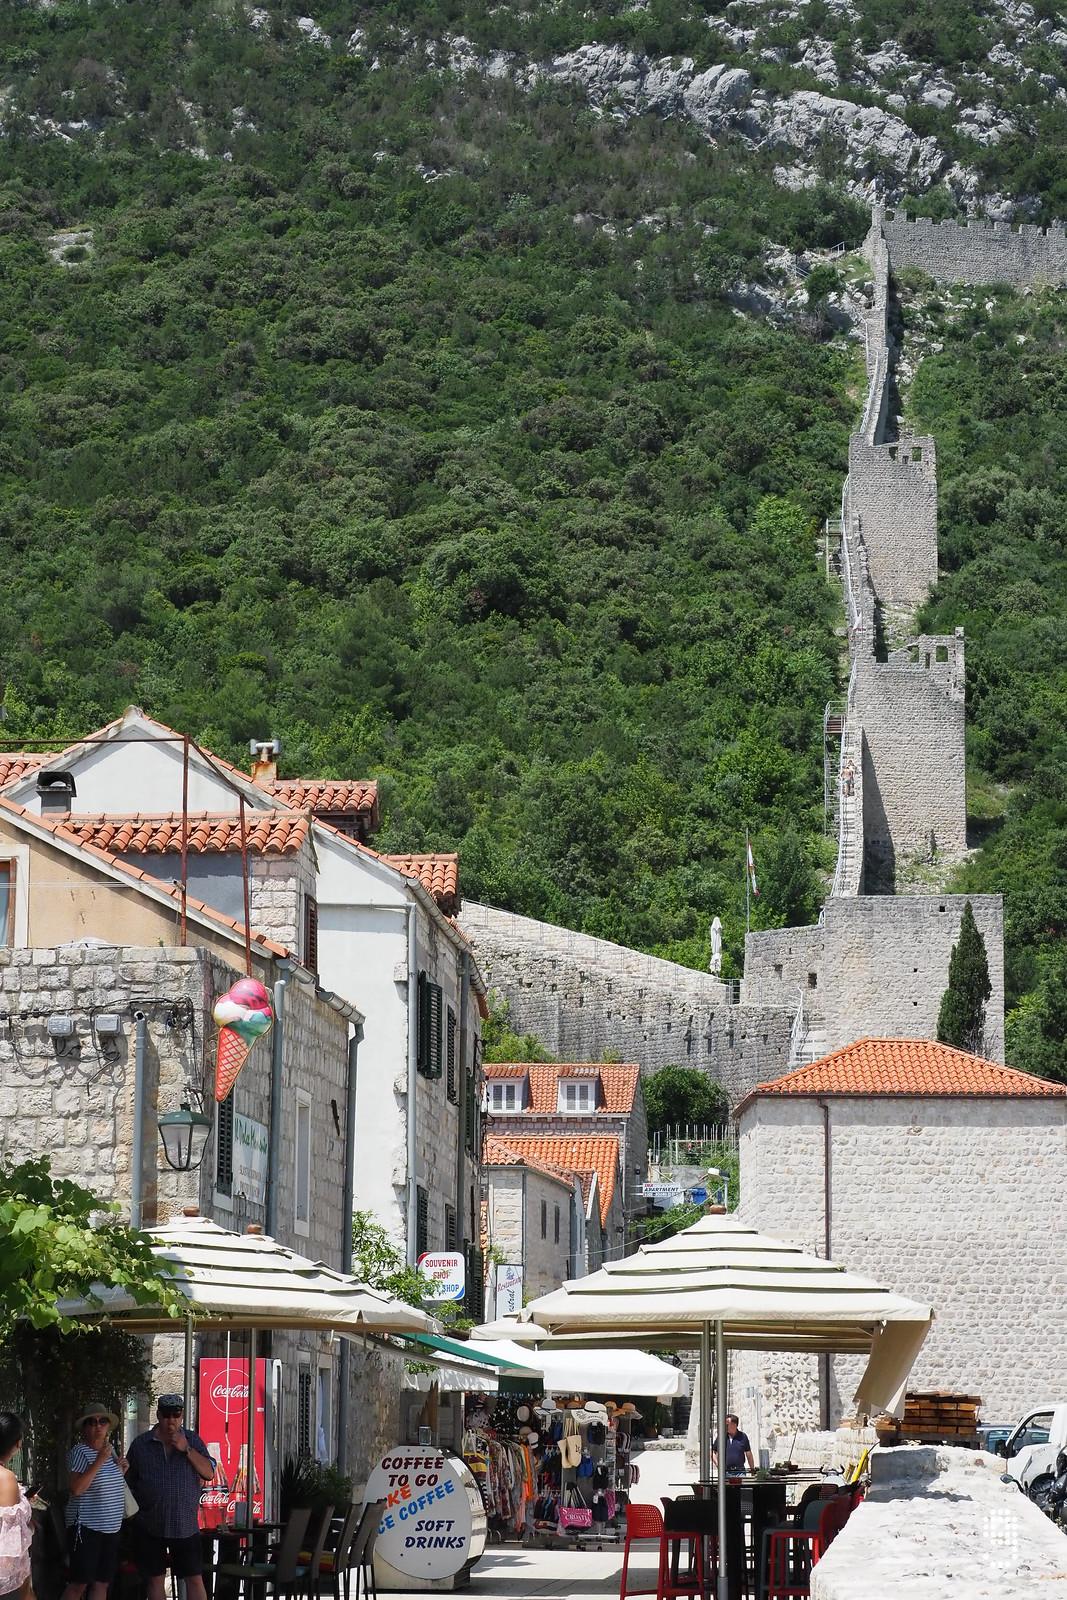 Ston小鎮旁的城牆通往Mali Ston